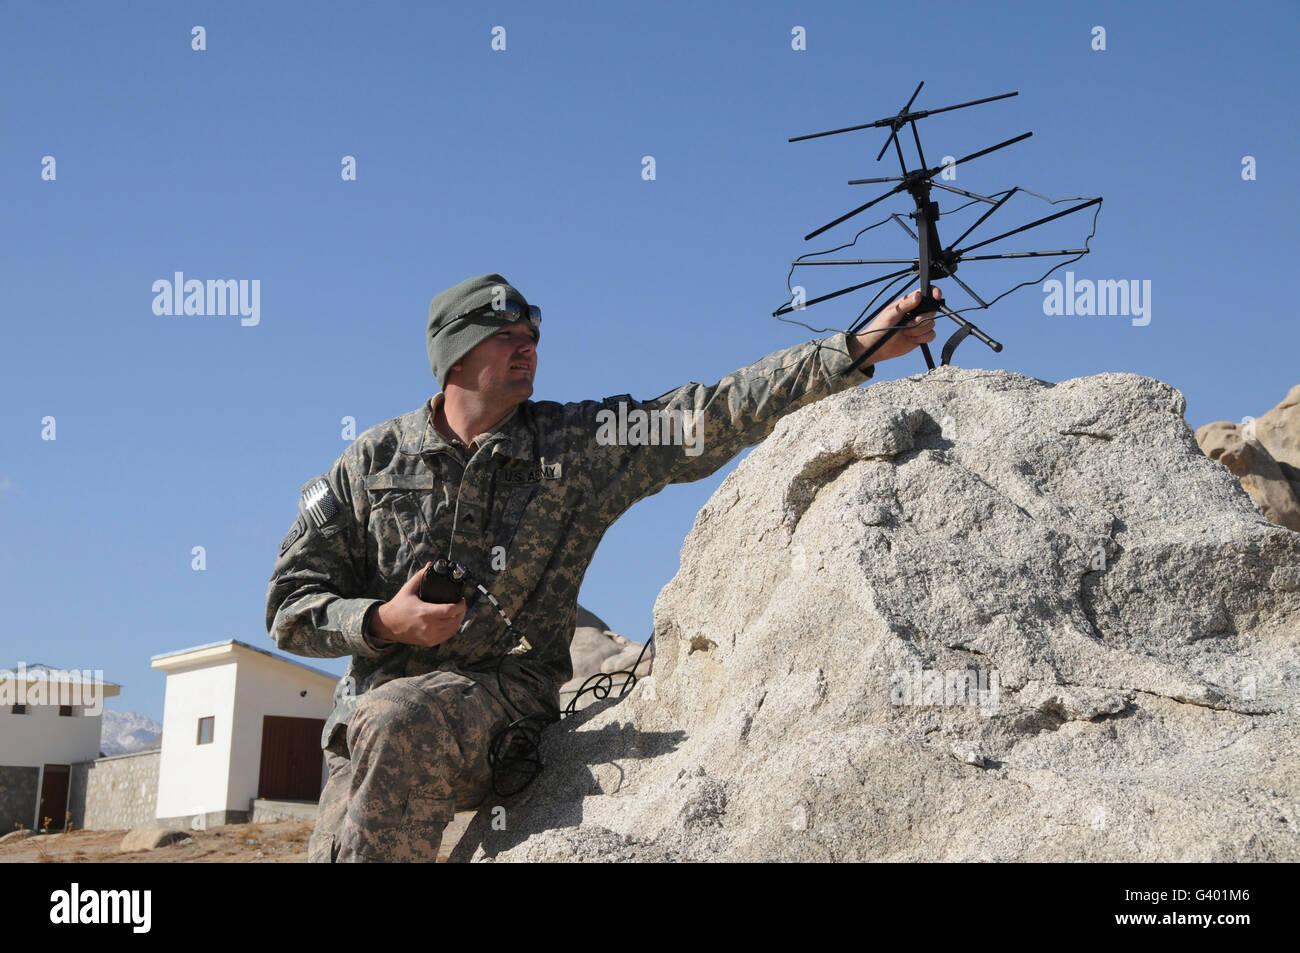 Soldat de l'armée américaine met en place un satellite tactique. Photo Stock